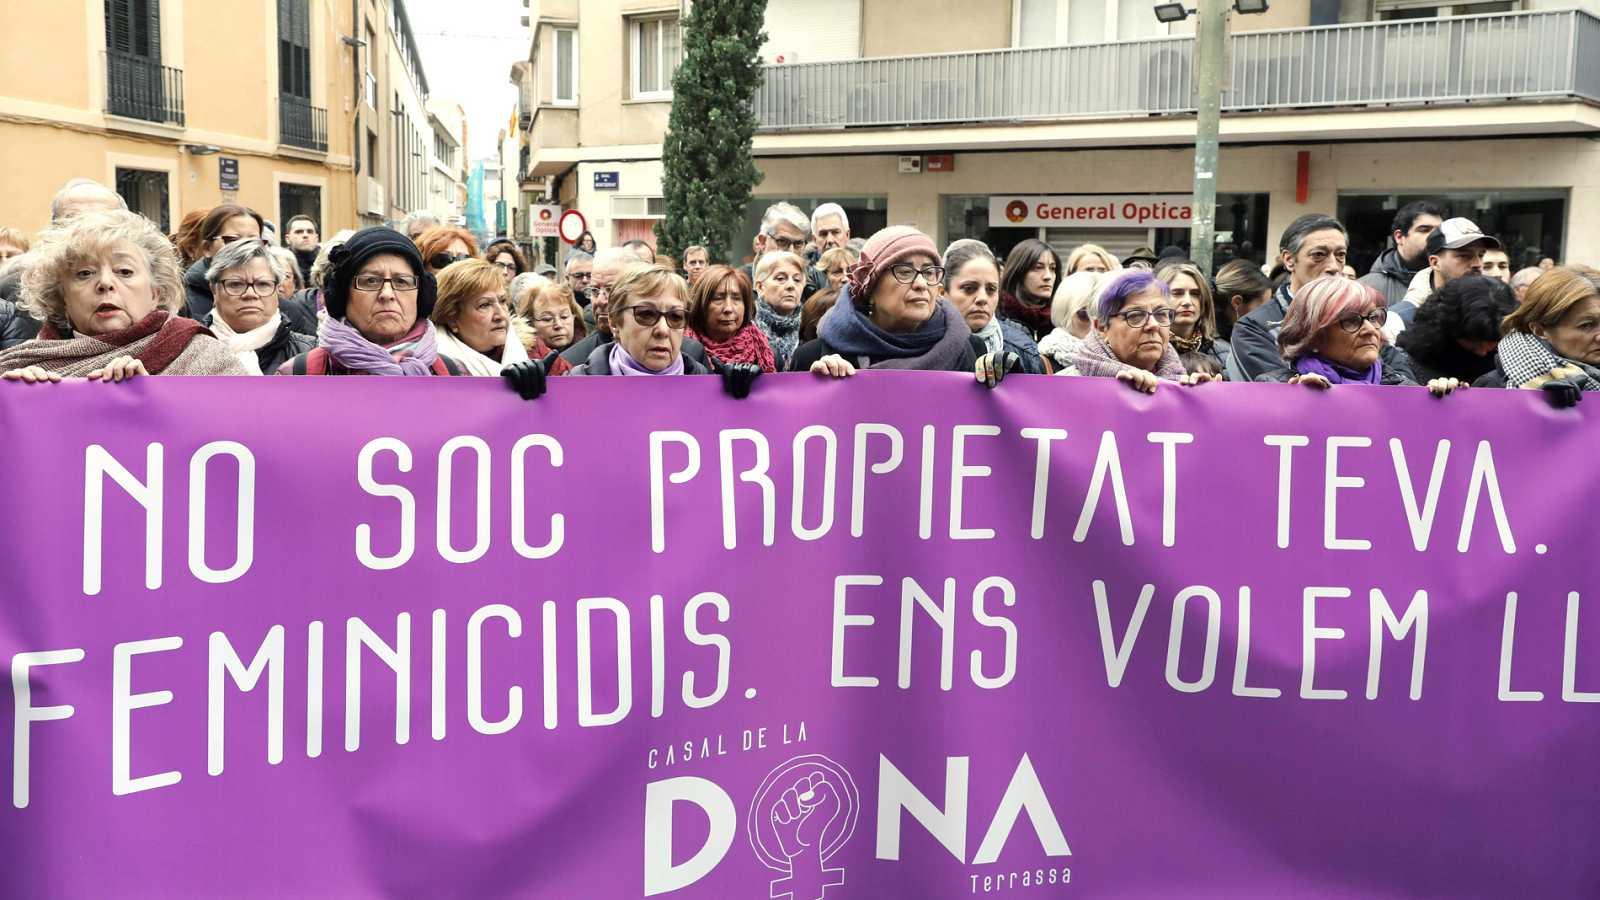 Un agente de los Mossos d'Esquadra mata a su expareja en Terrassa en un presunto nuevo caso de violencia de género